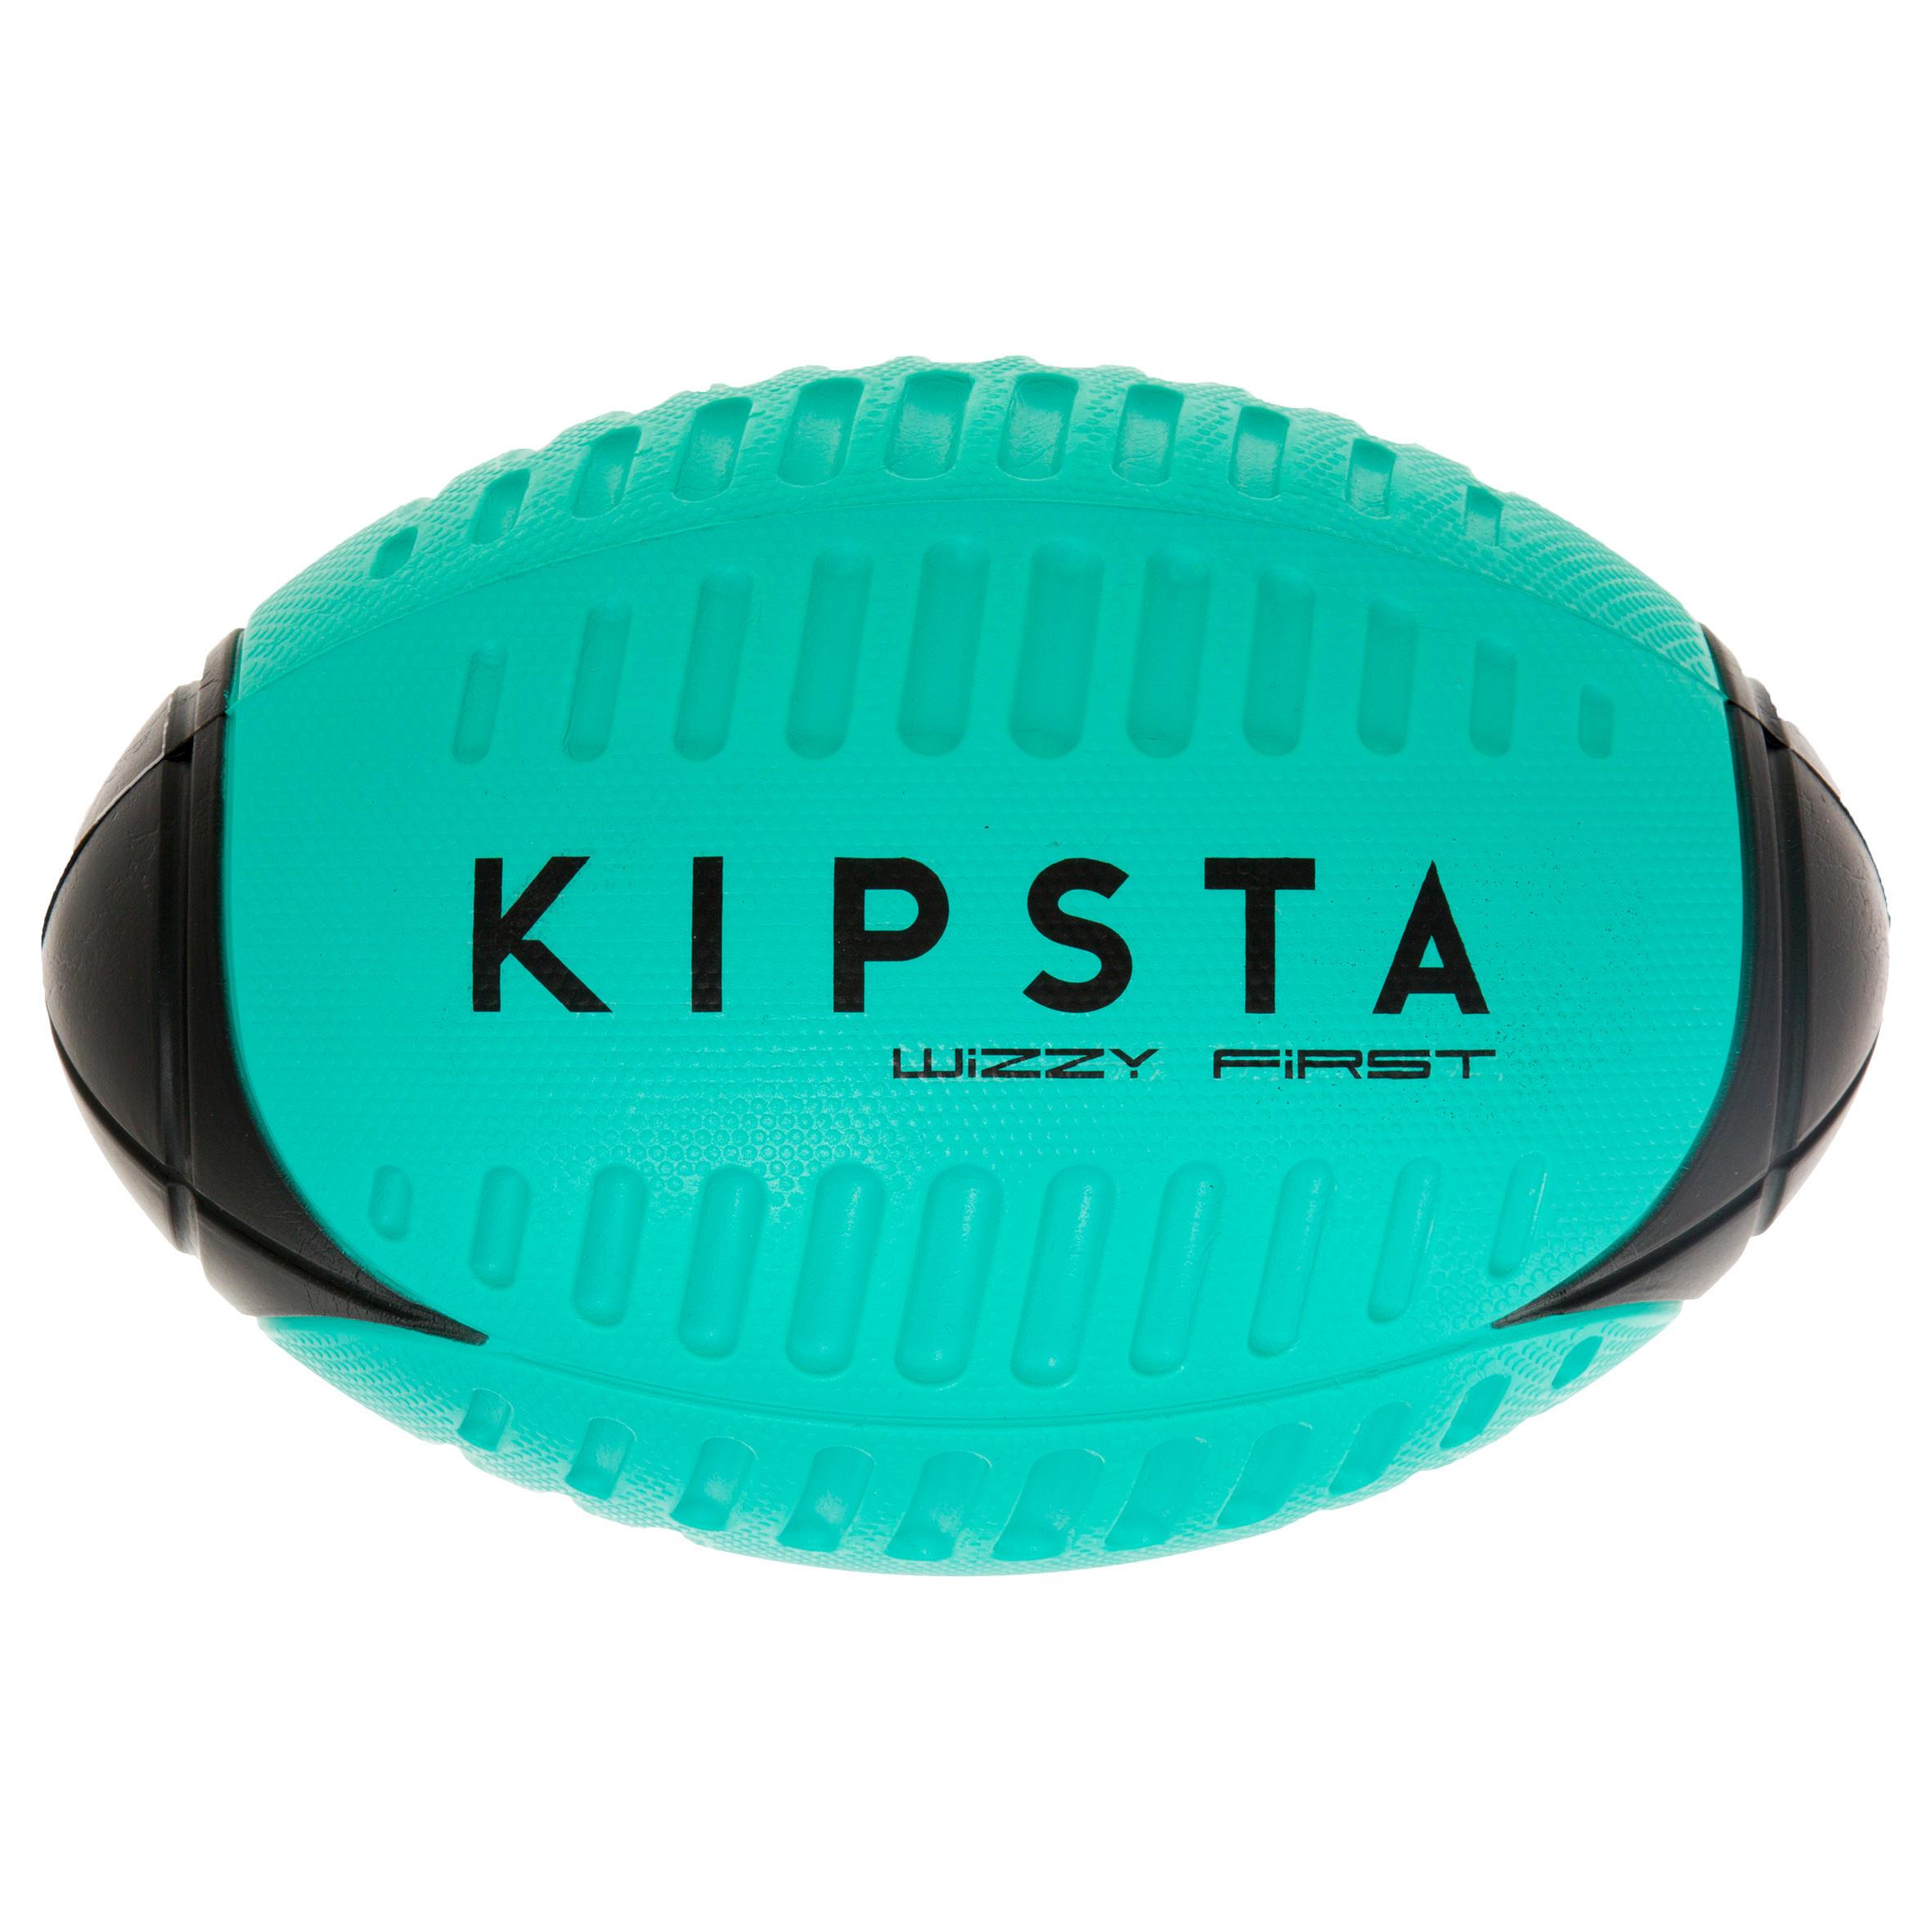 Kipsta Schuimstof rugbybal Wizzy maat 3 blauw